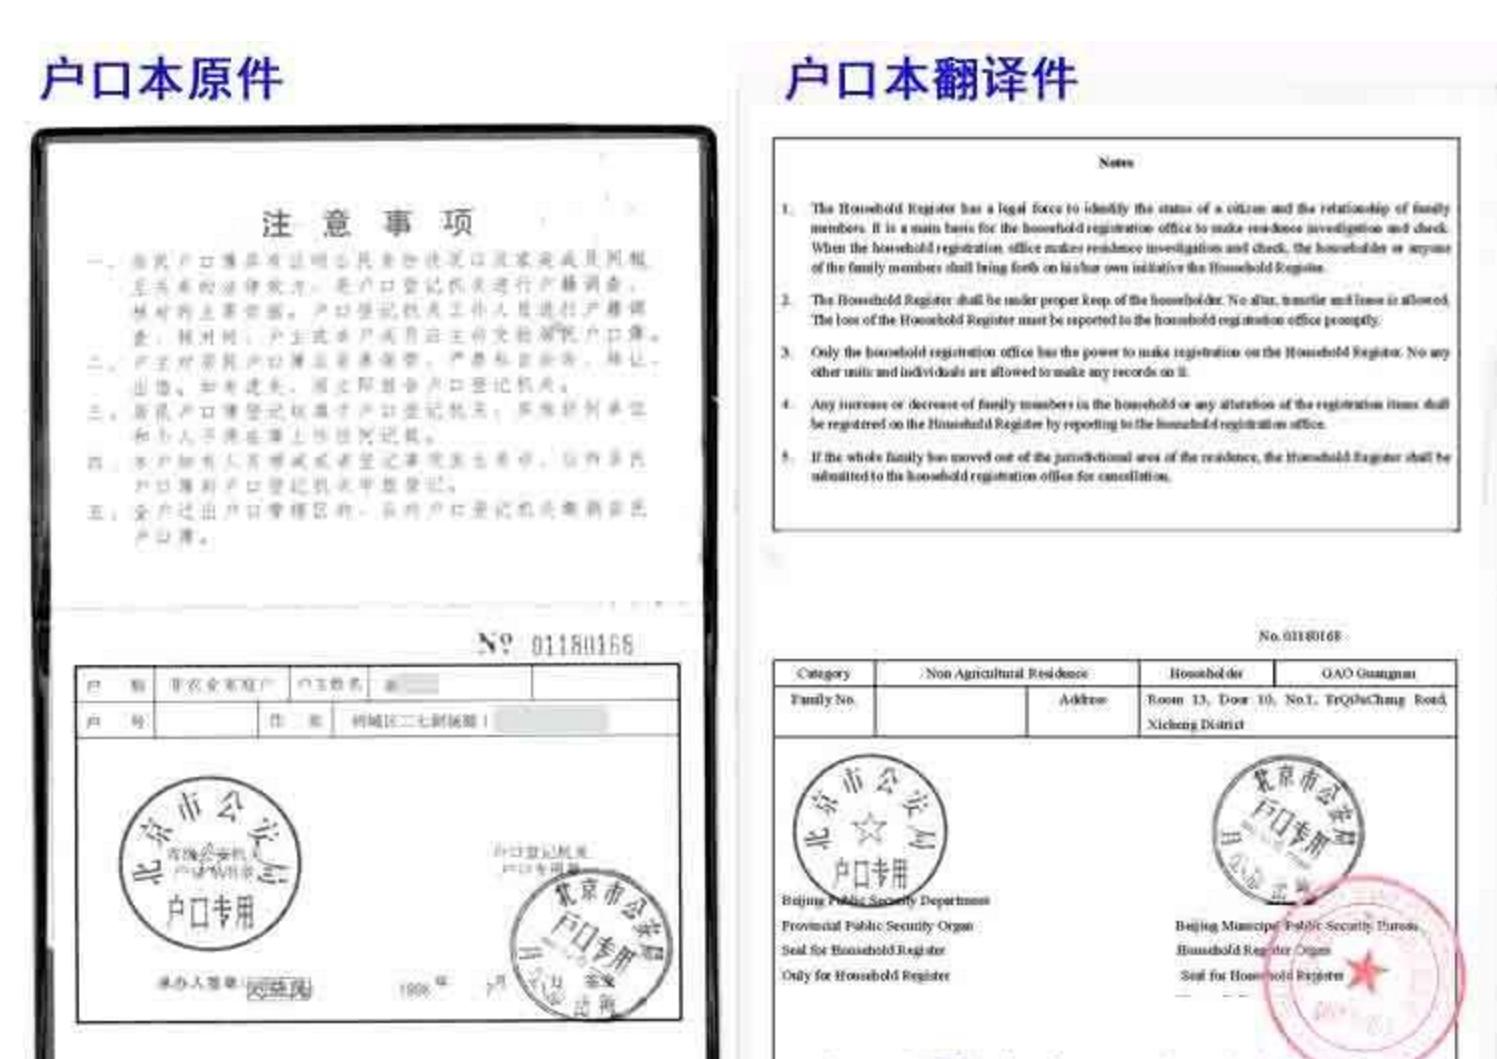 户口本翻译-翻译盖章认证